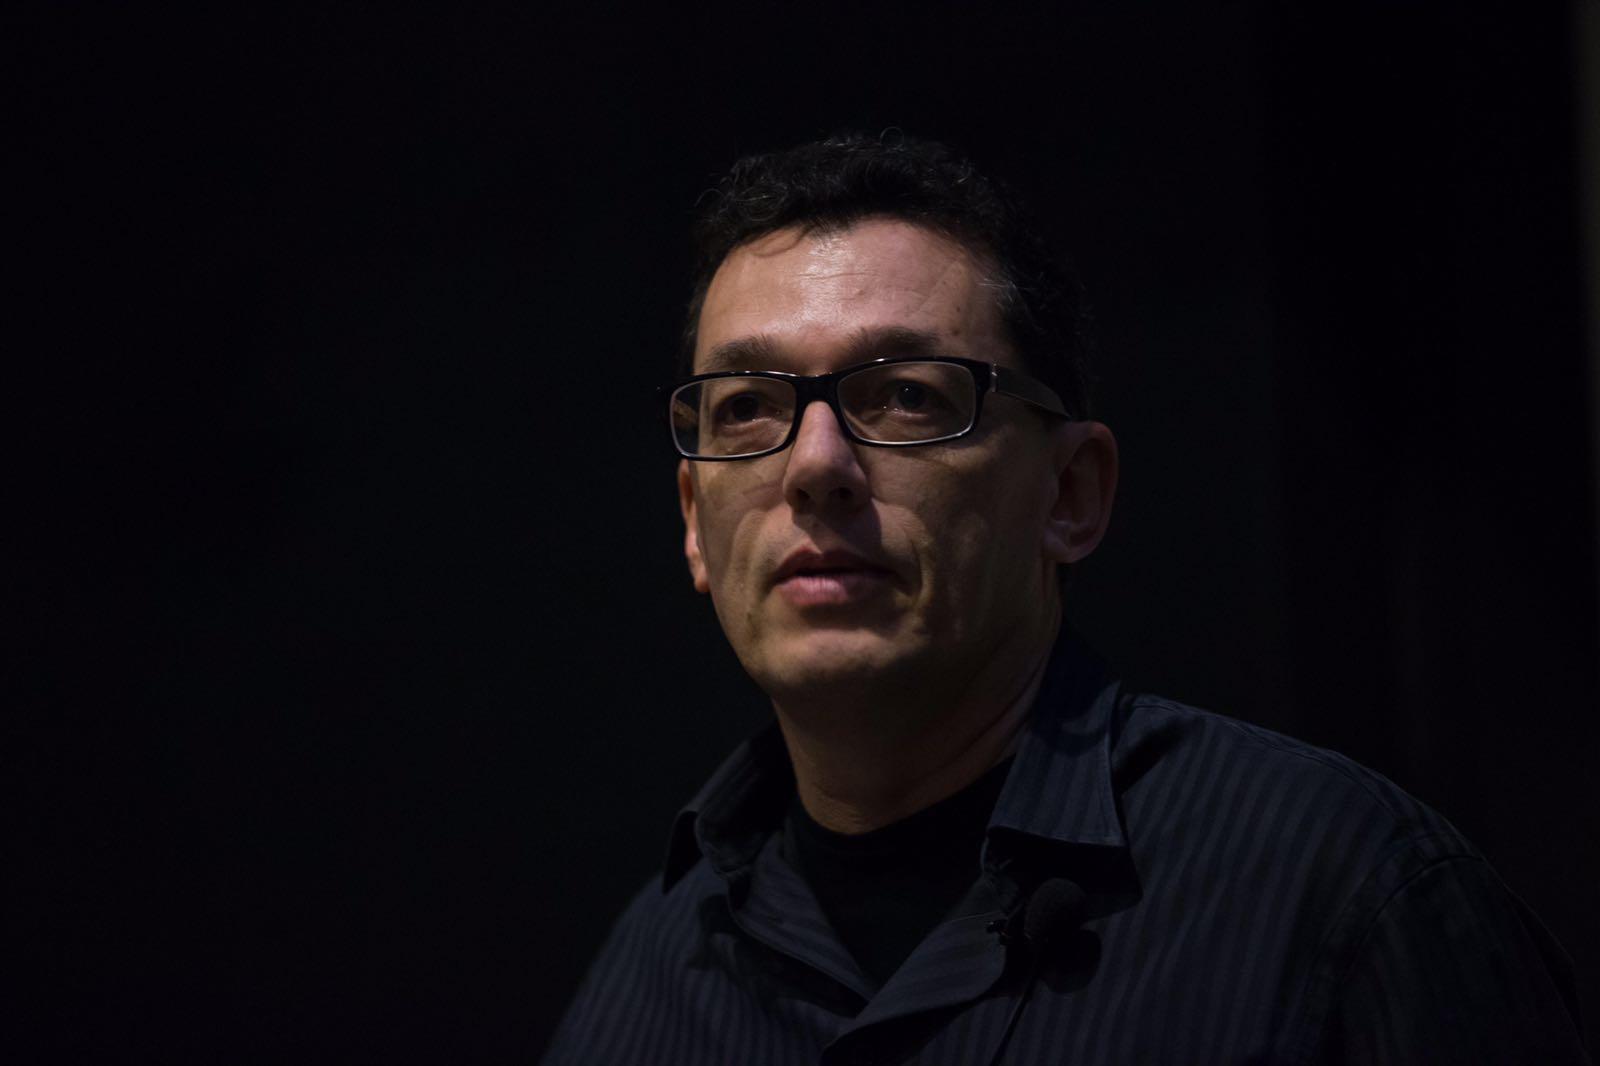 Ramón Cabezas